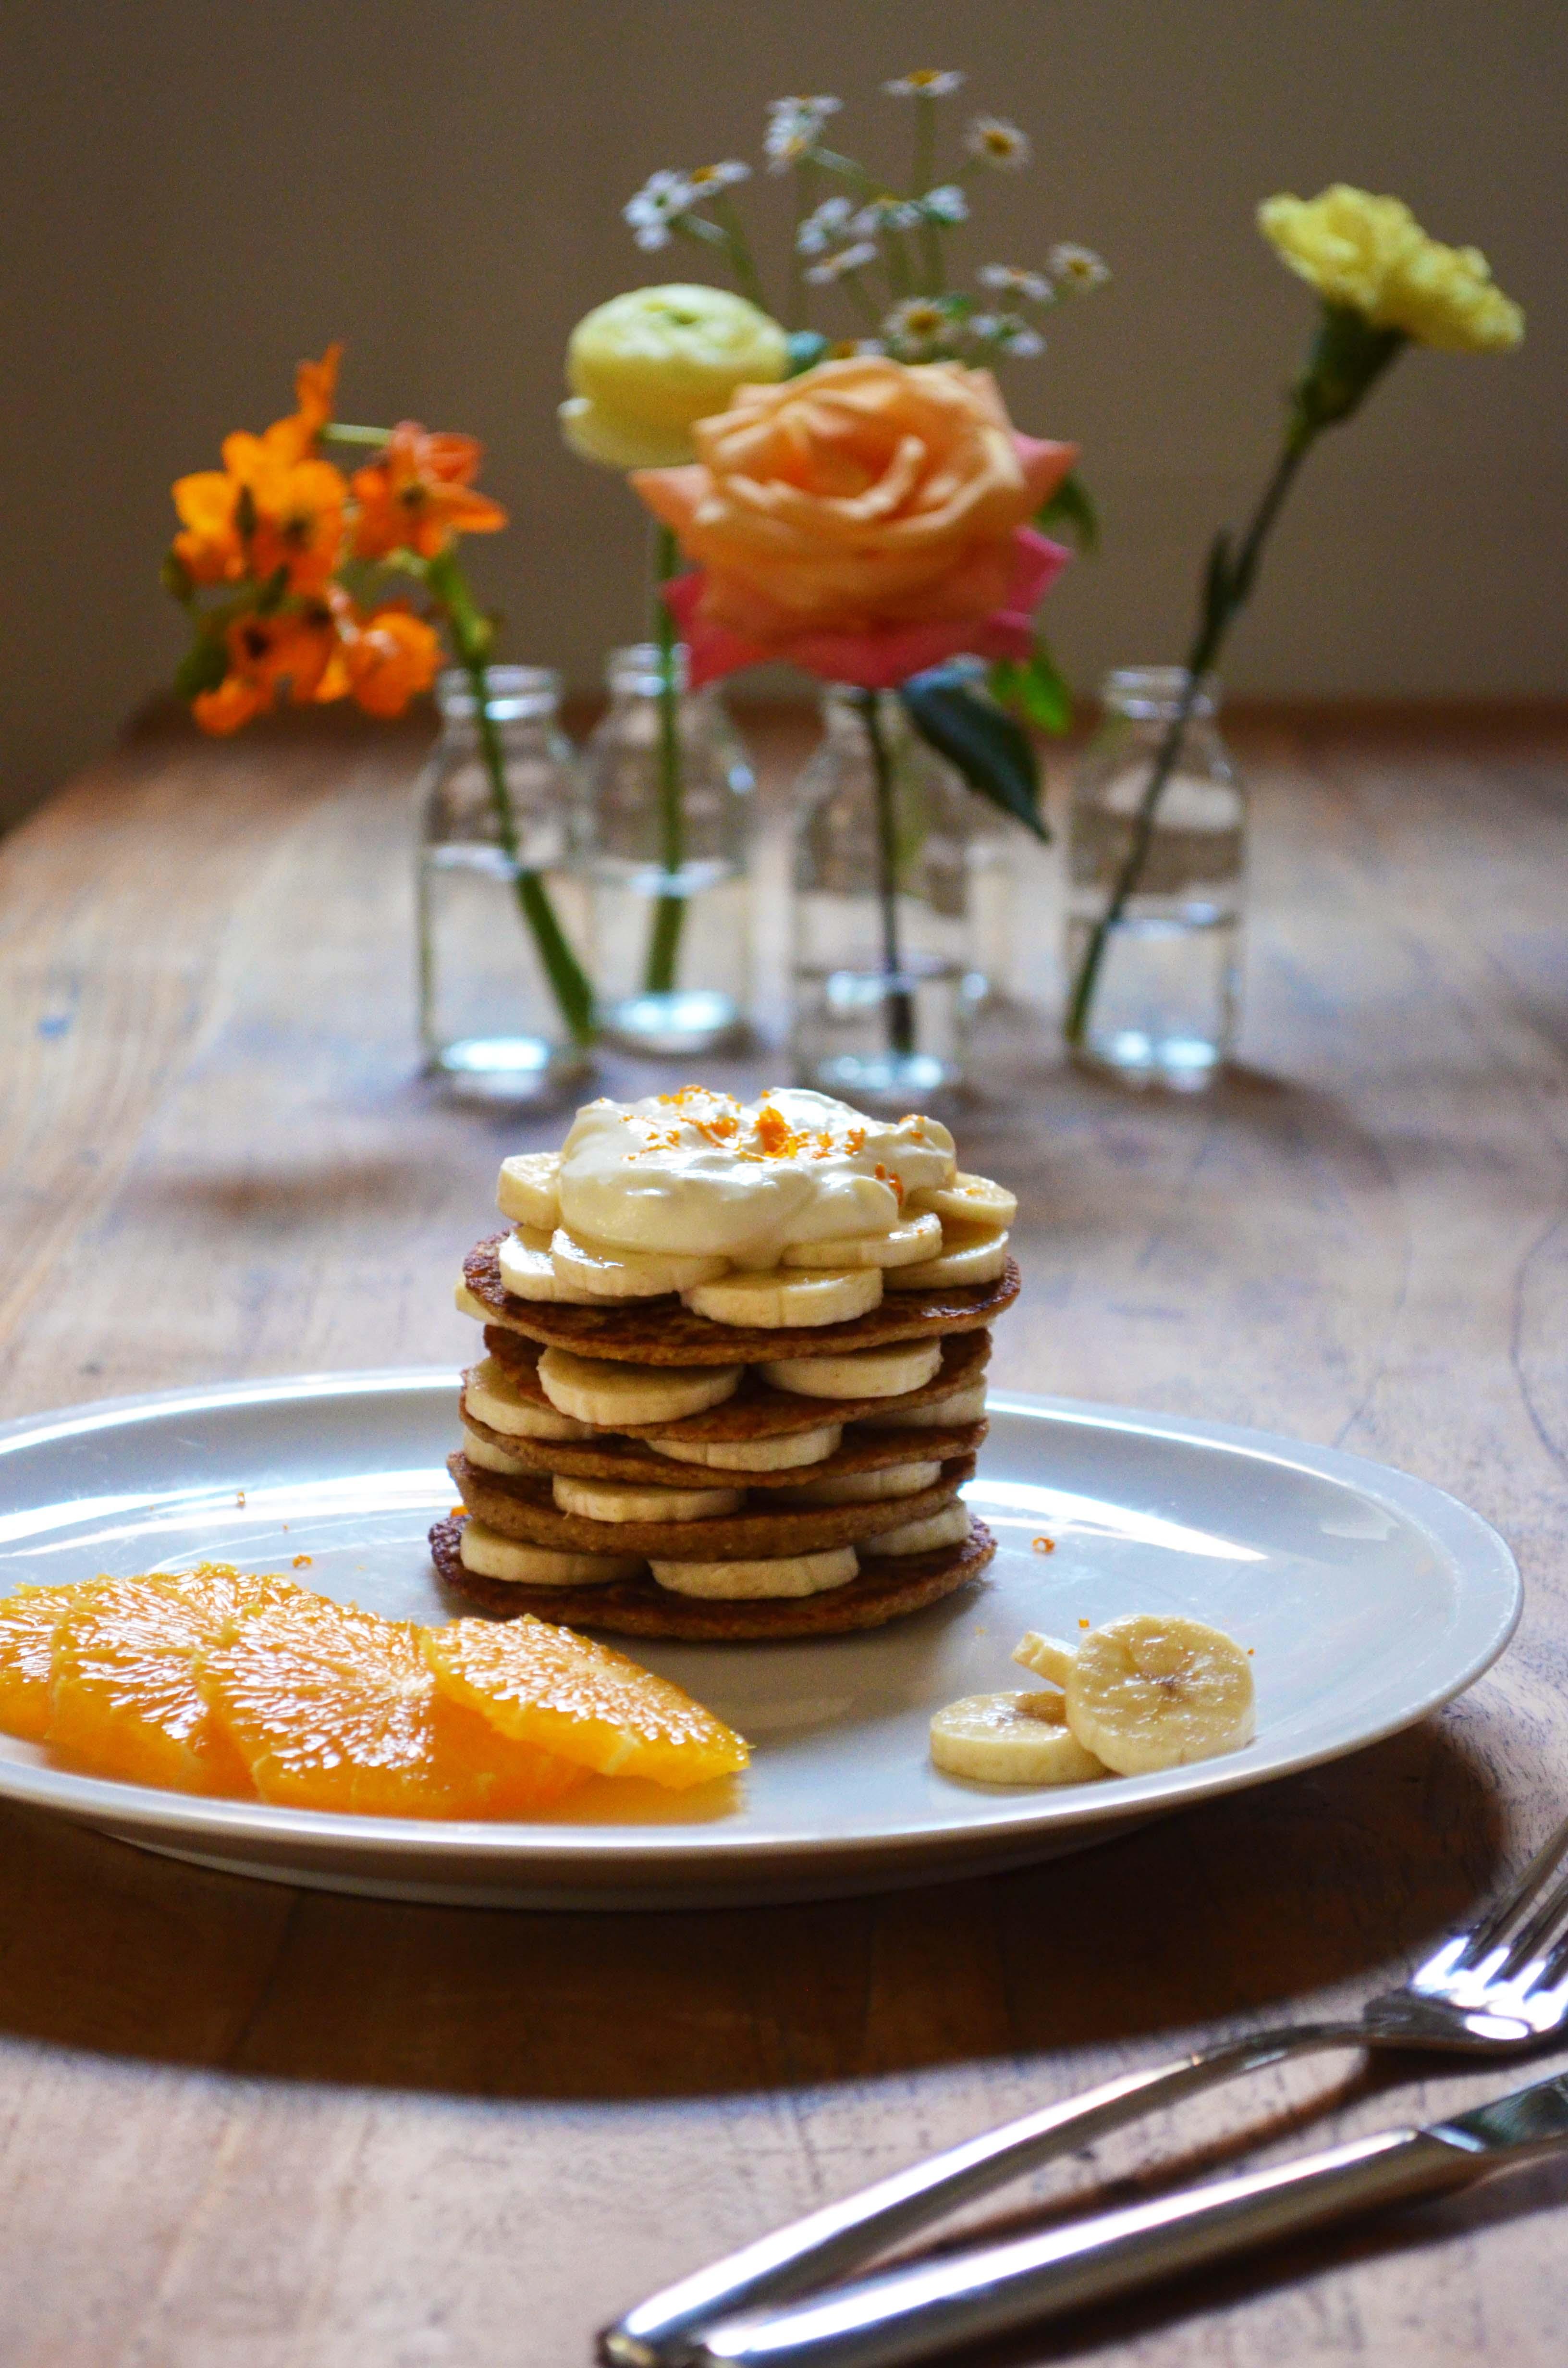 Orange Banana Pancakes